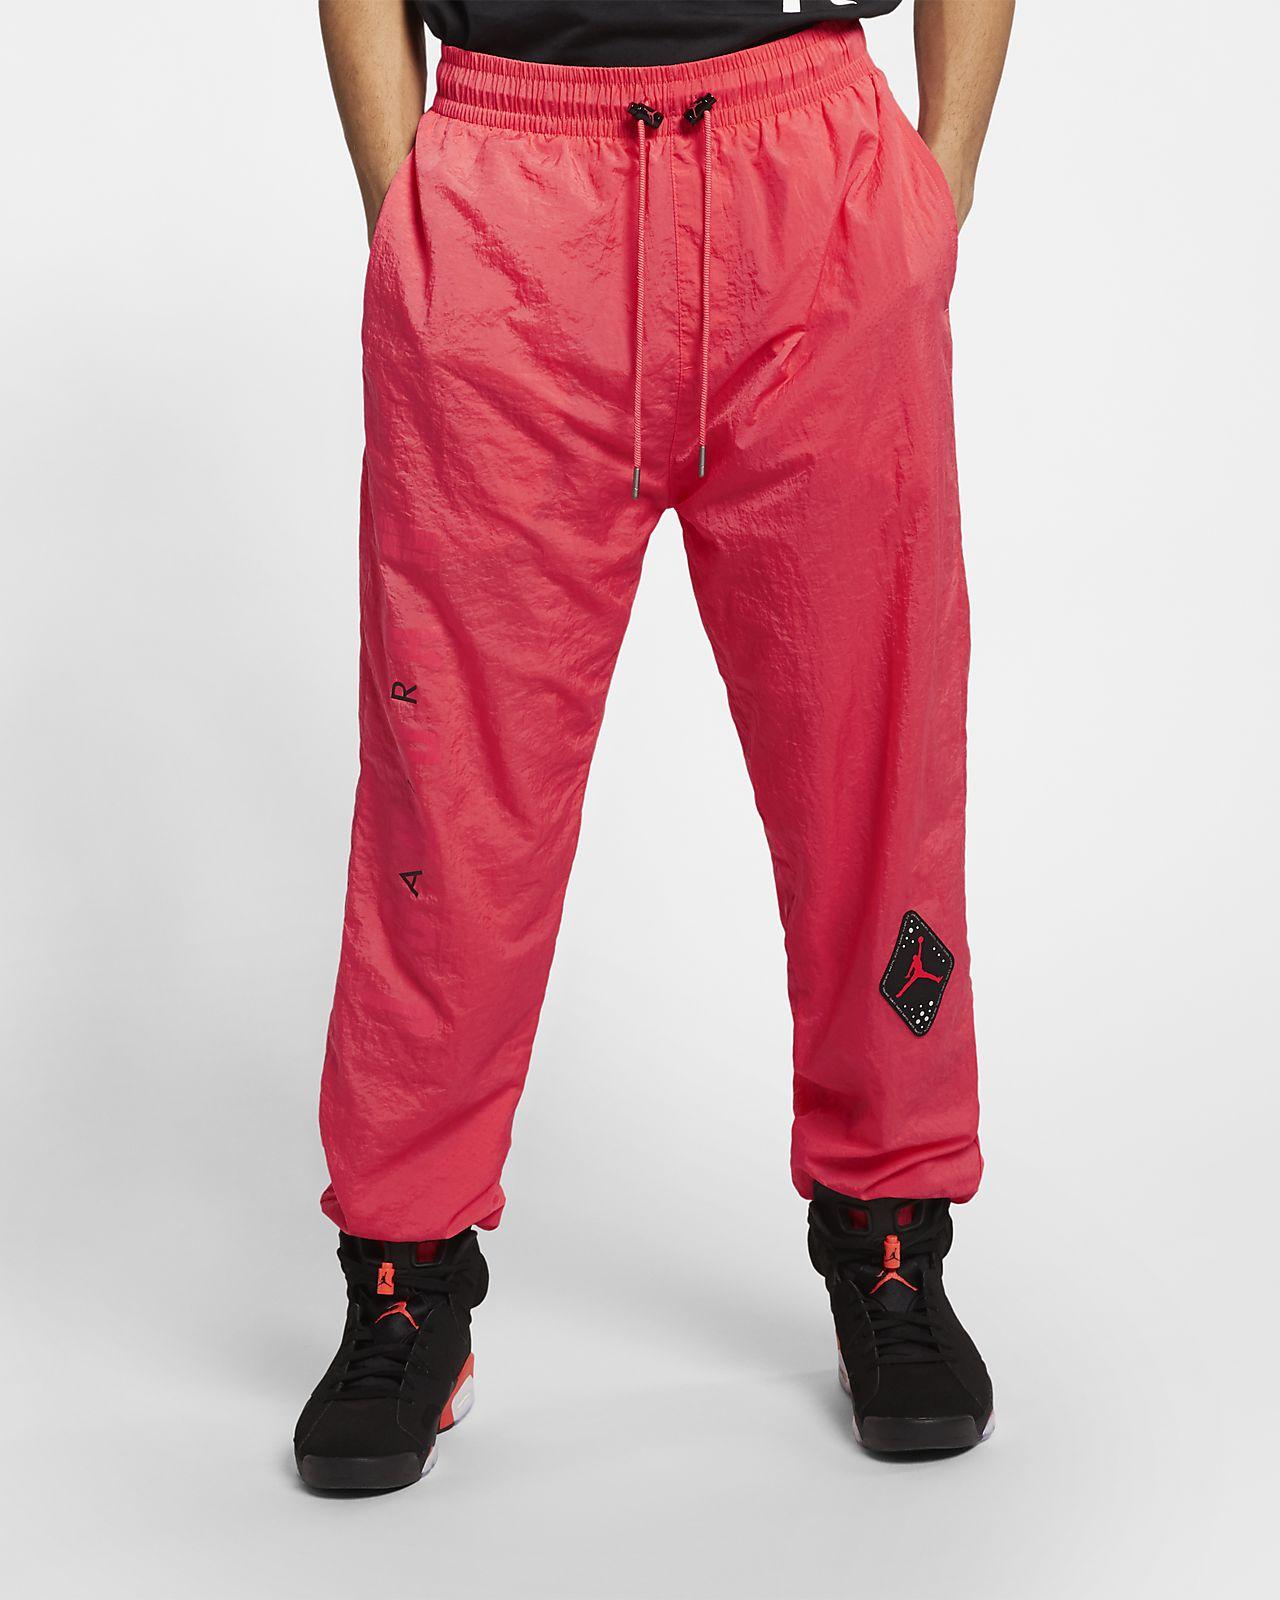 580f2777614b58 Jordan Legacy AJ 6 Men s Pants . Nike.com